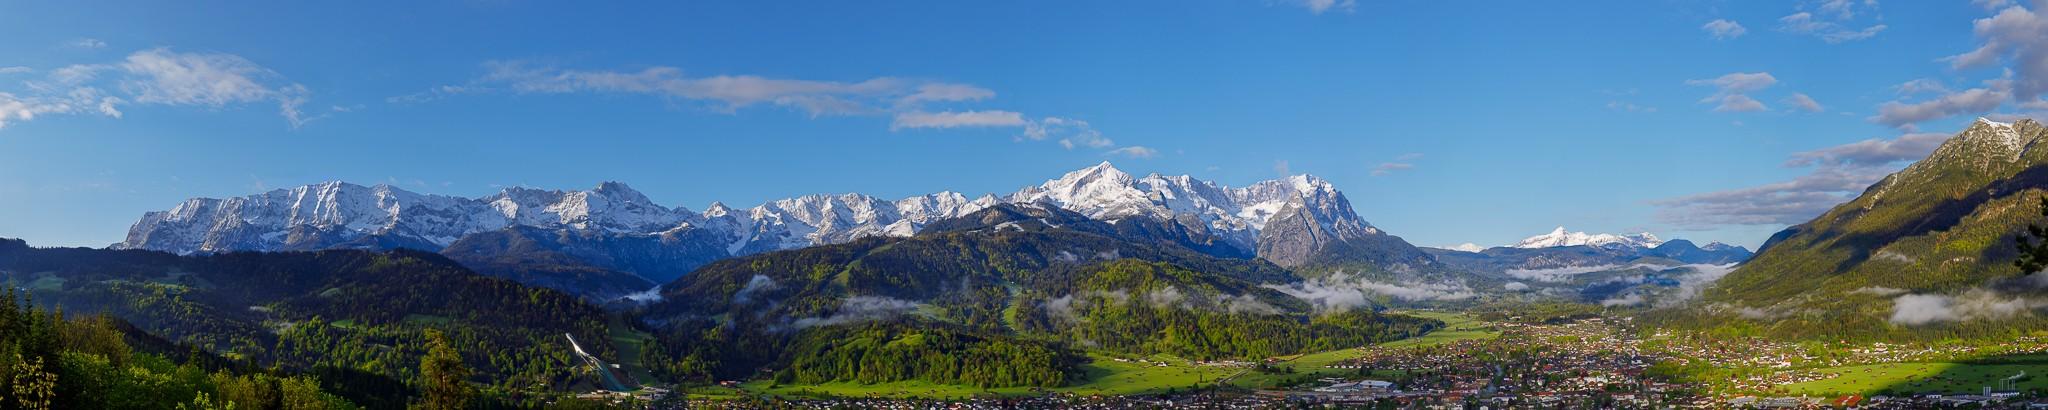 Berglandschaft im Frühjahr in Garmisch-Partenkirchen mit Panoramablick auf das Wettersteingebirge mit Alpspitze und Zugspitze. Auf der rechten Seite die Karmerspitz.